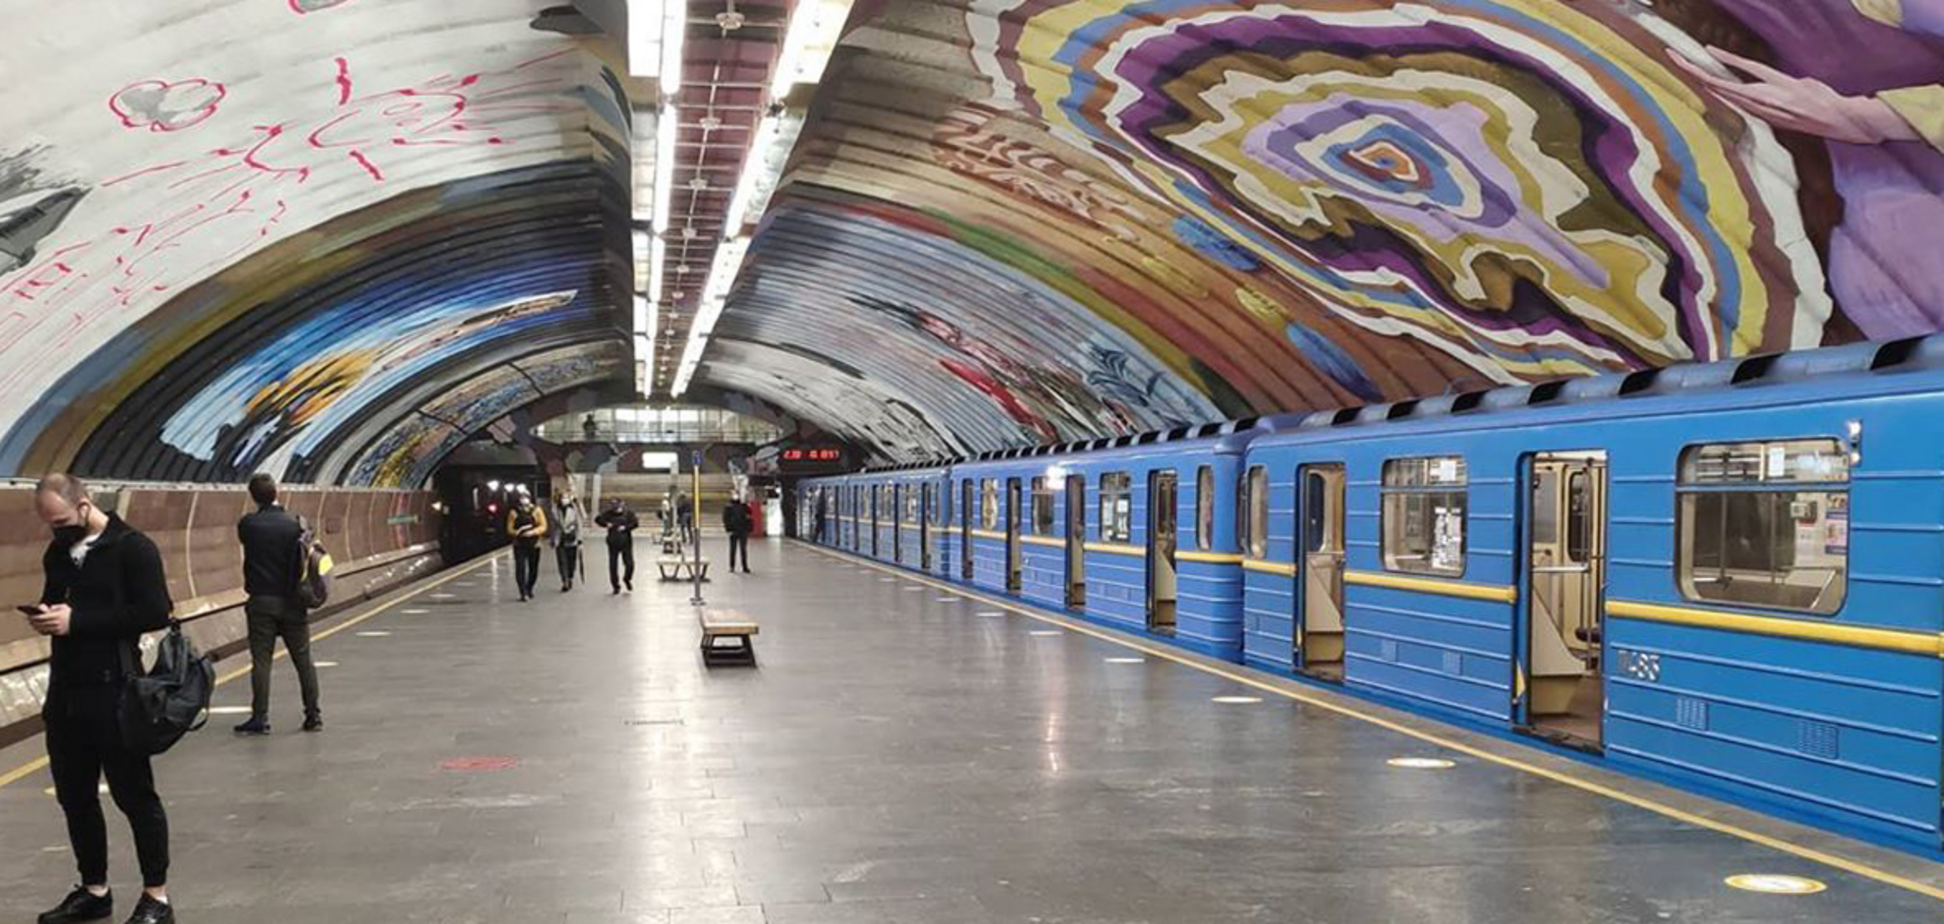 100 млн гривень: держава спрямувала гроші на проєкти будівництва метро у Києві